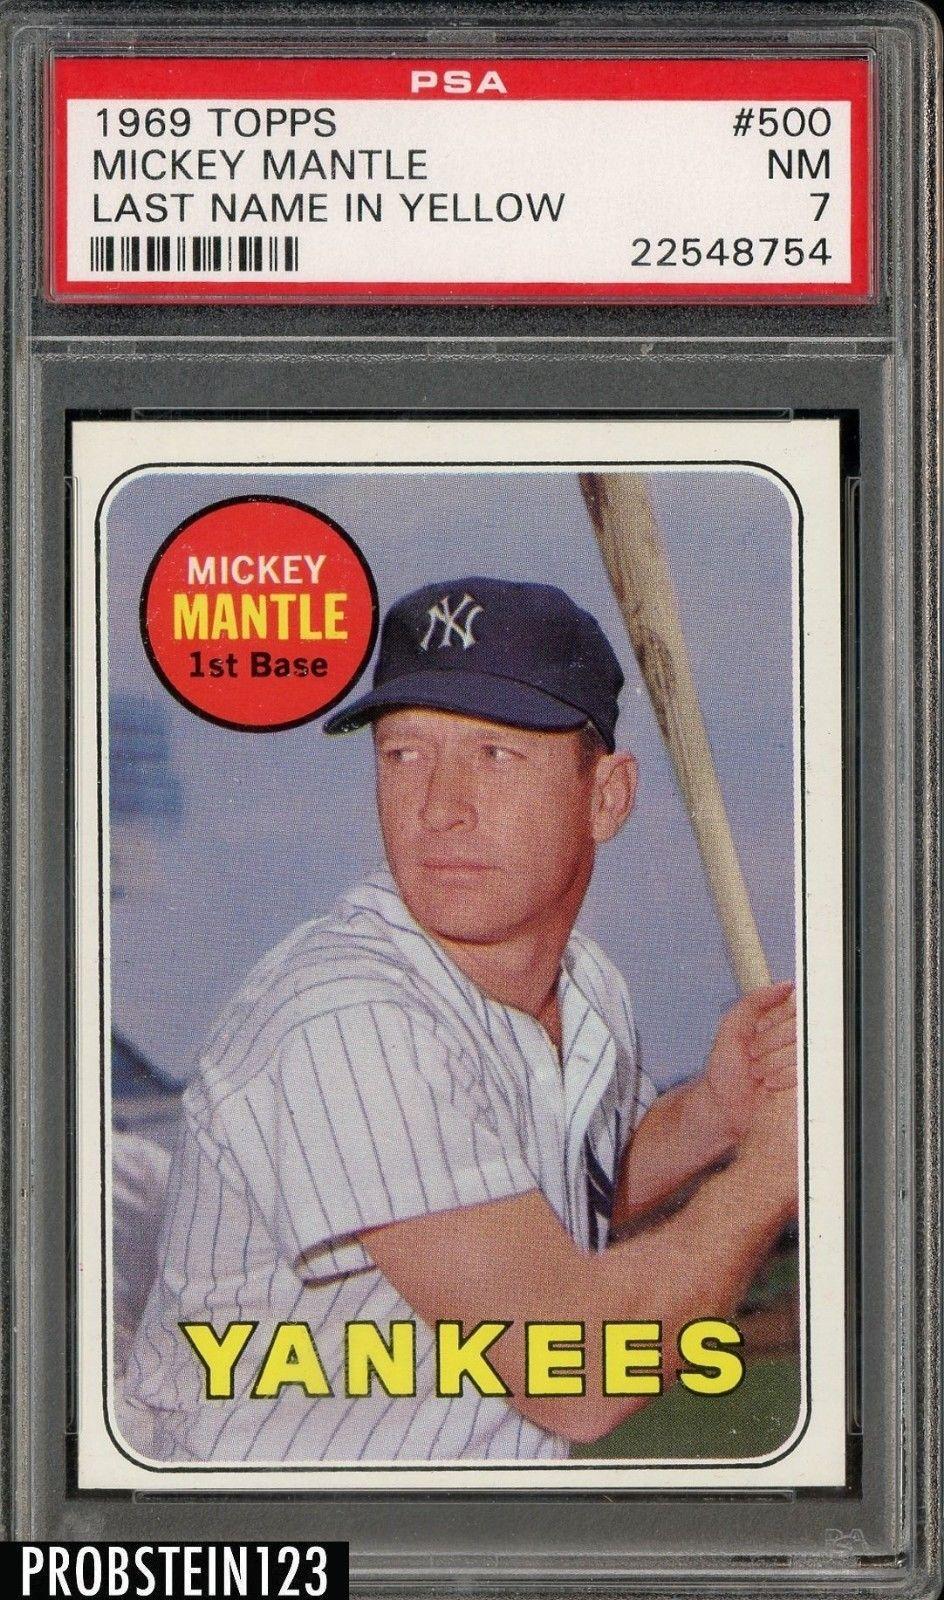 1969 topps 500 mickey mantle yankees hof last name in